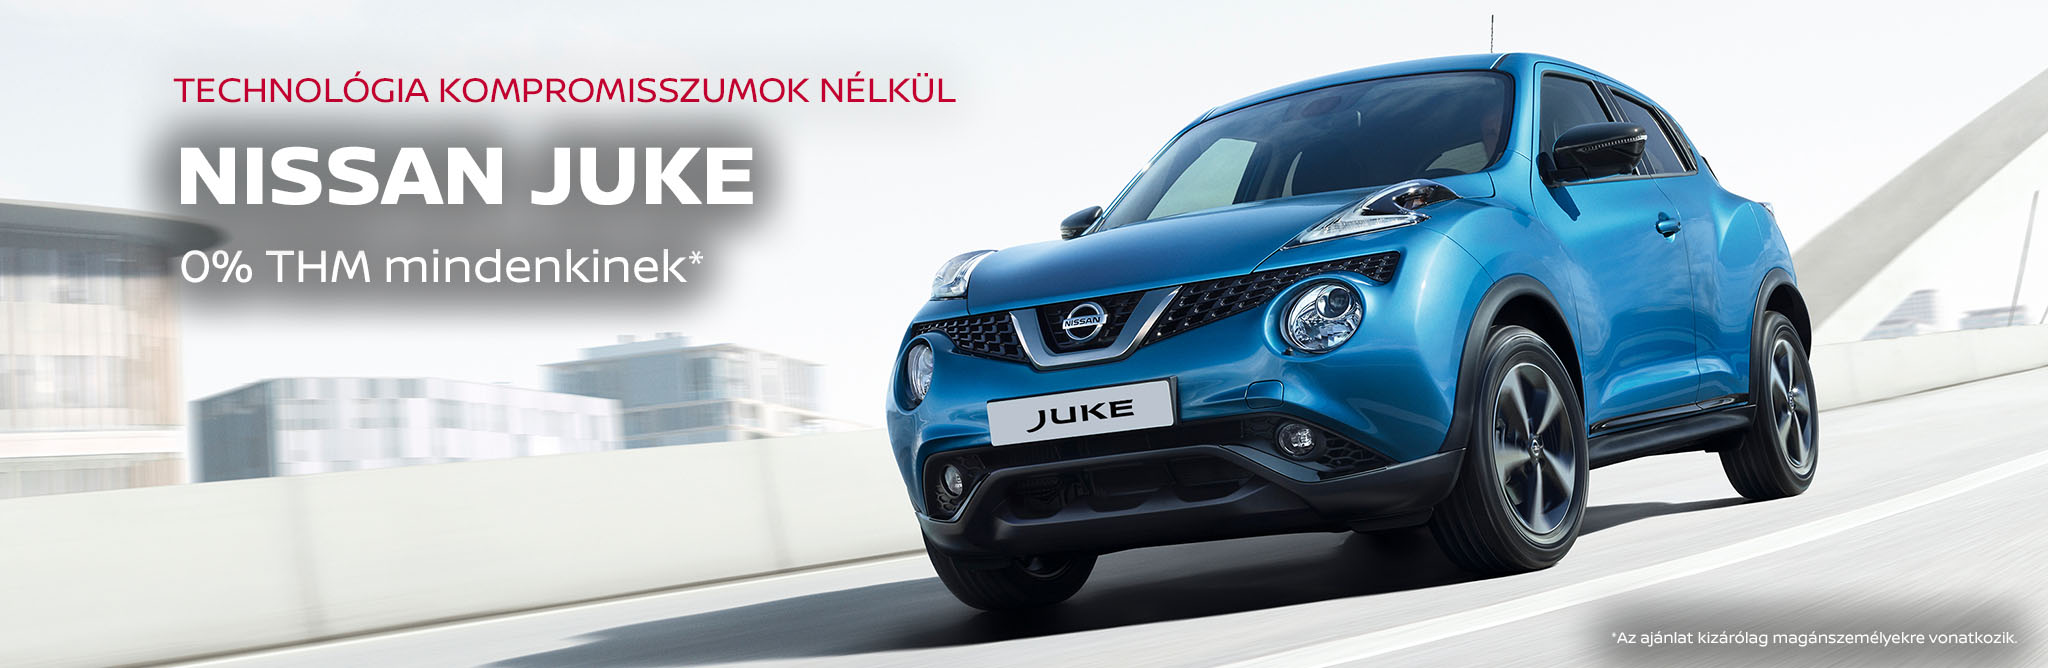 Nissan Juke 0% THM és ajándék automata váltó